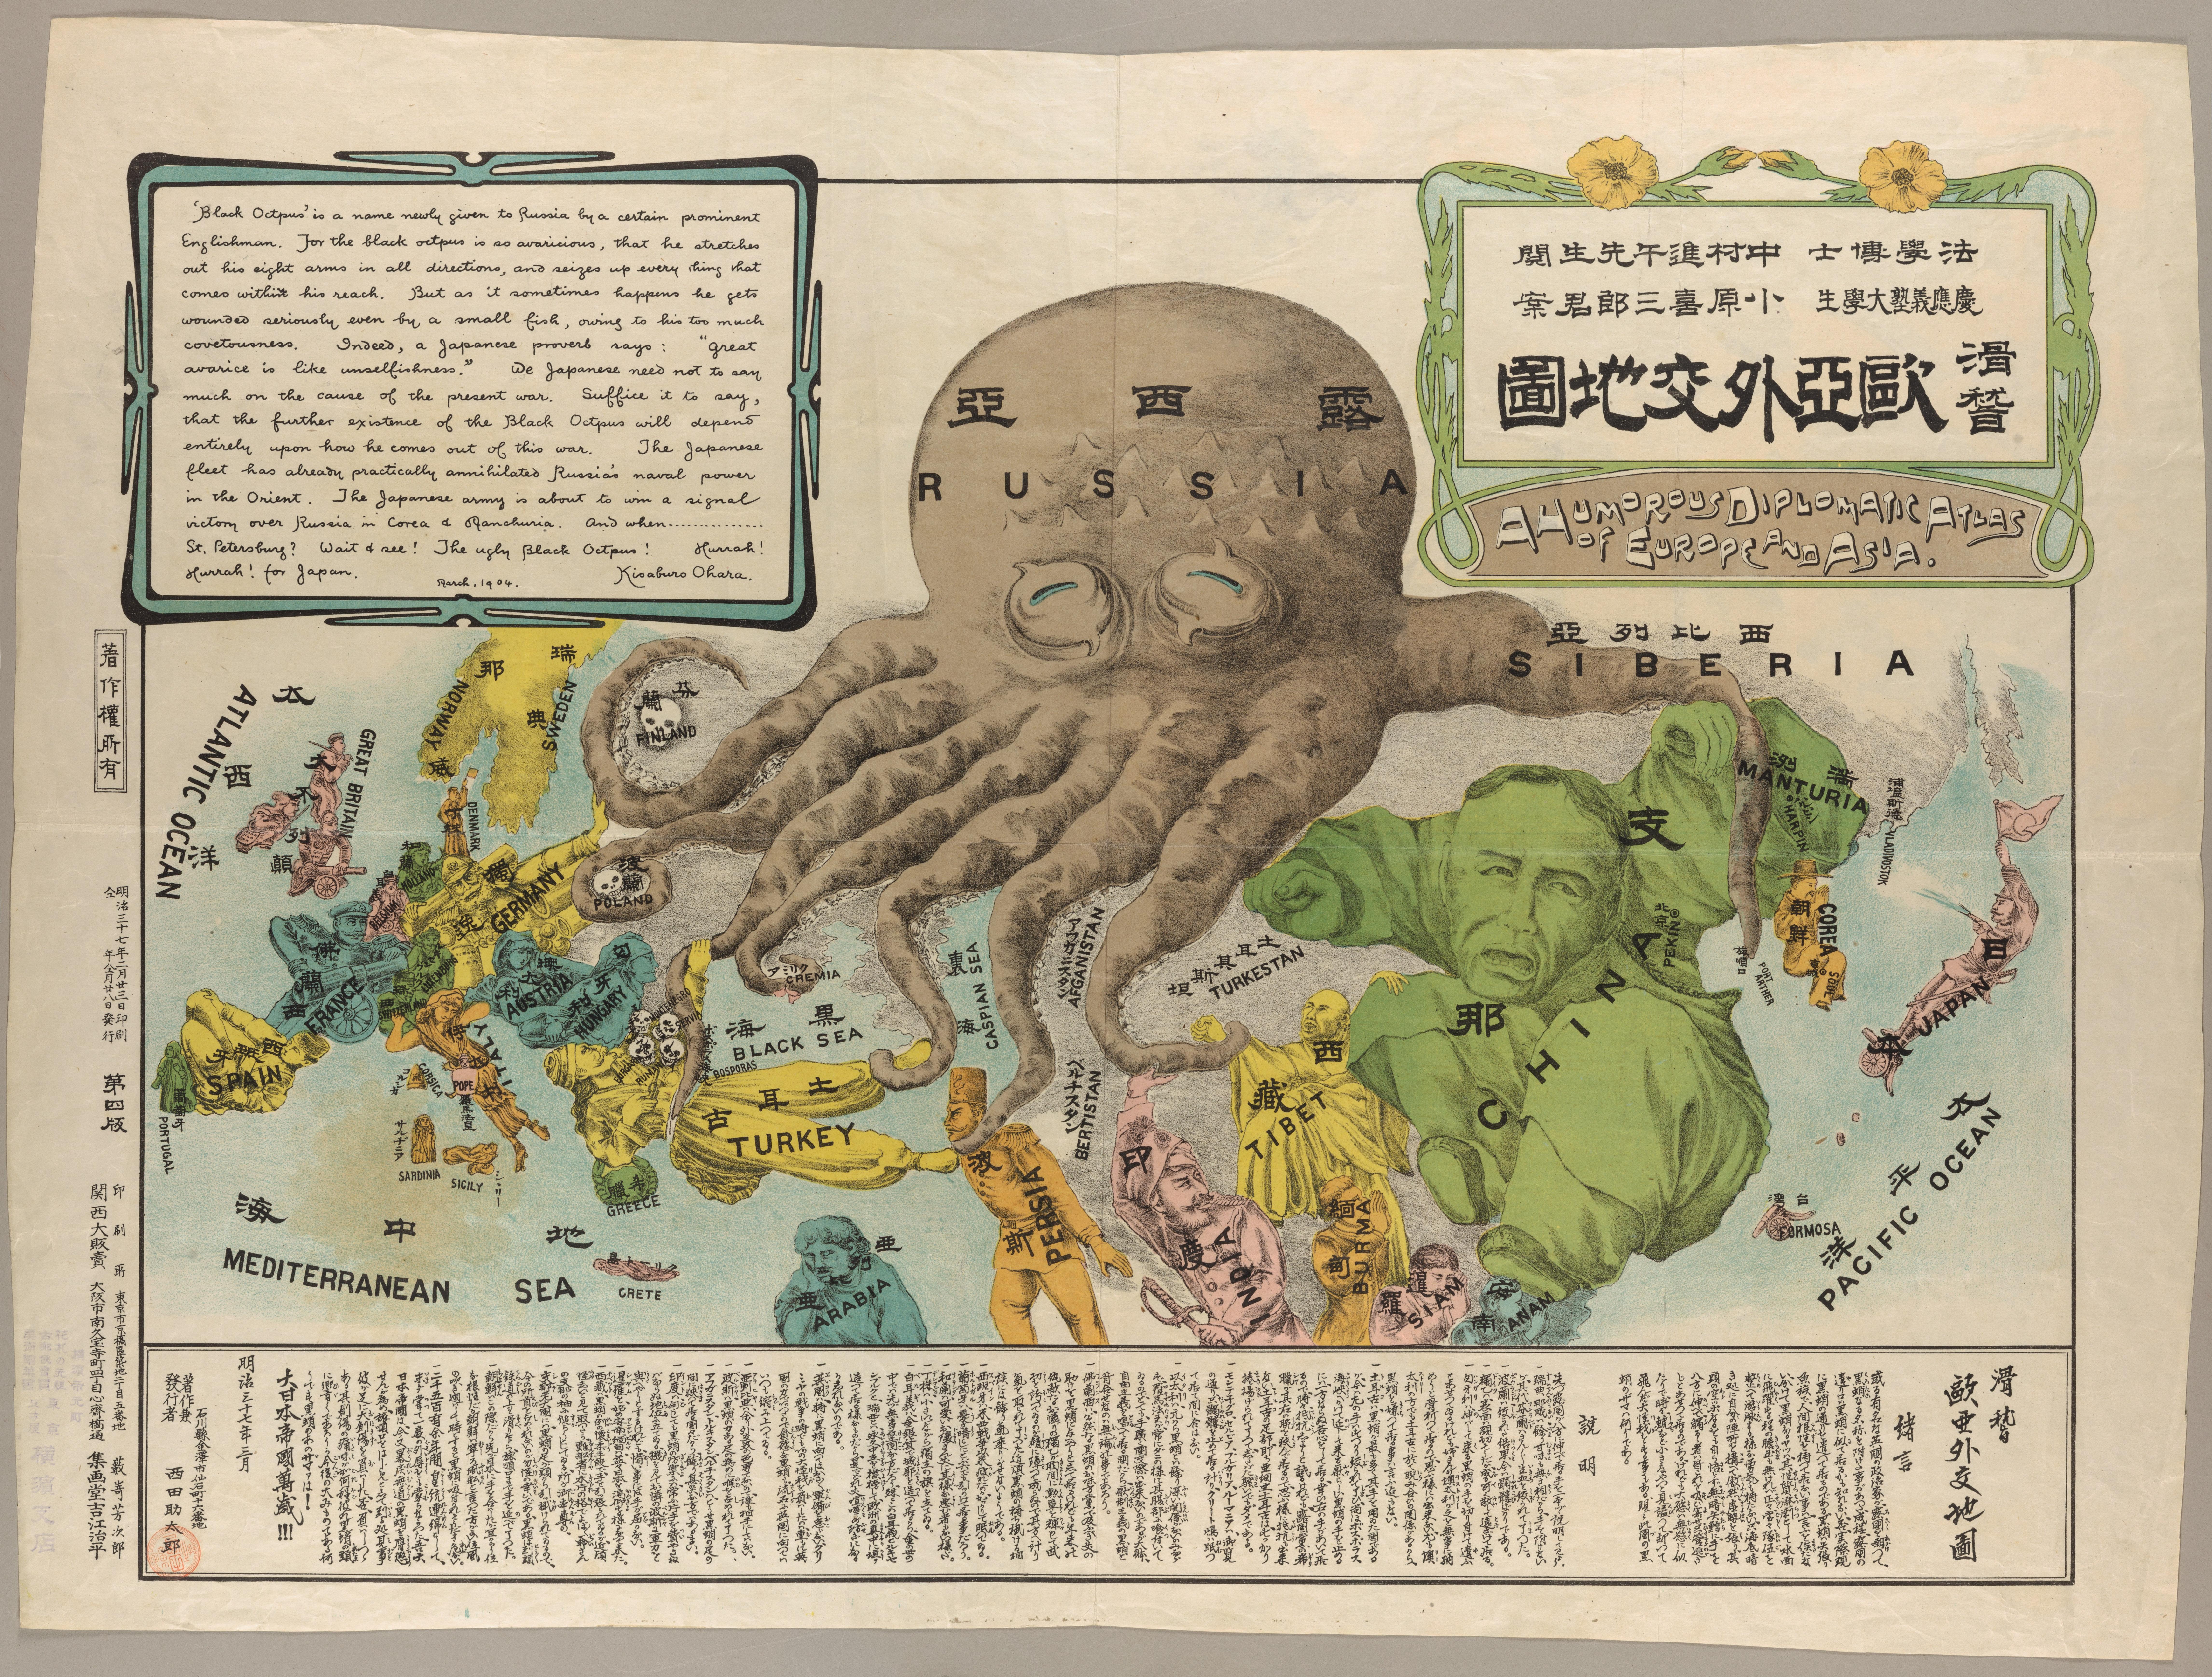 Европа и Азия. Антироссийская сатирическая карта, подготовленная японским студентом Университета Кейо во время русско-японской войны  в 1904